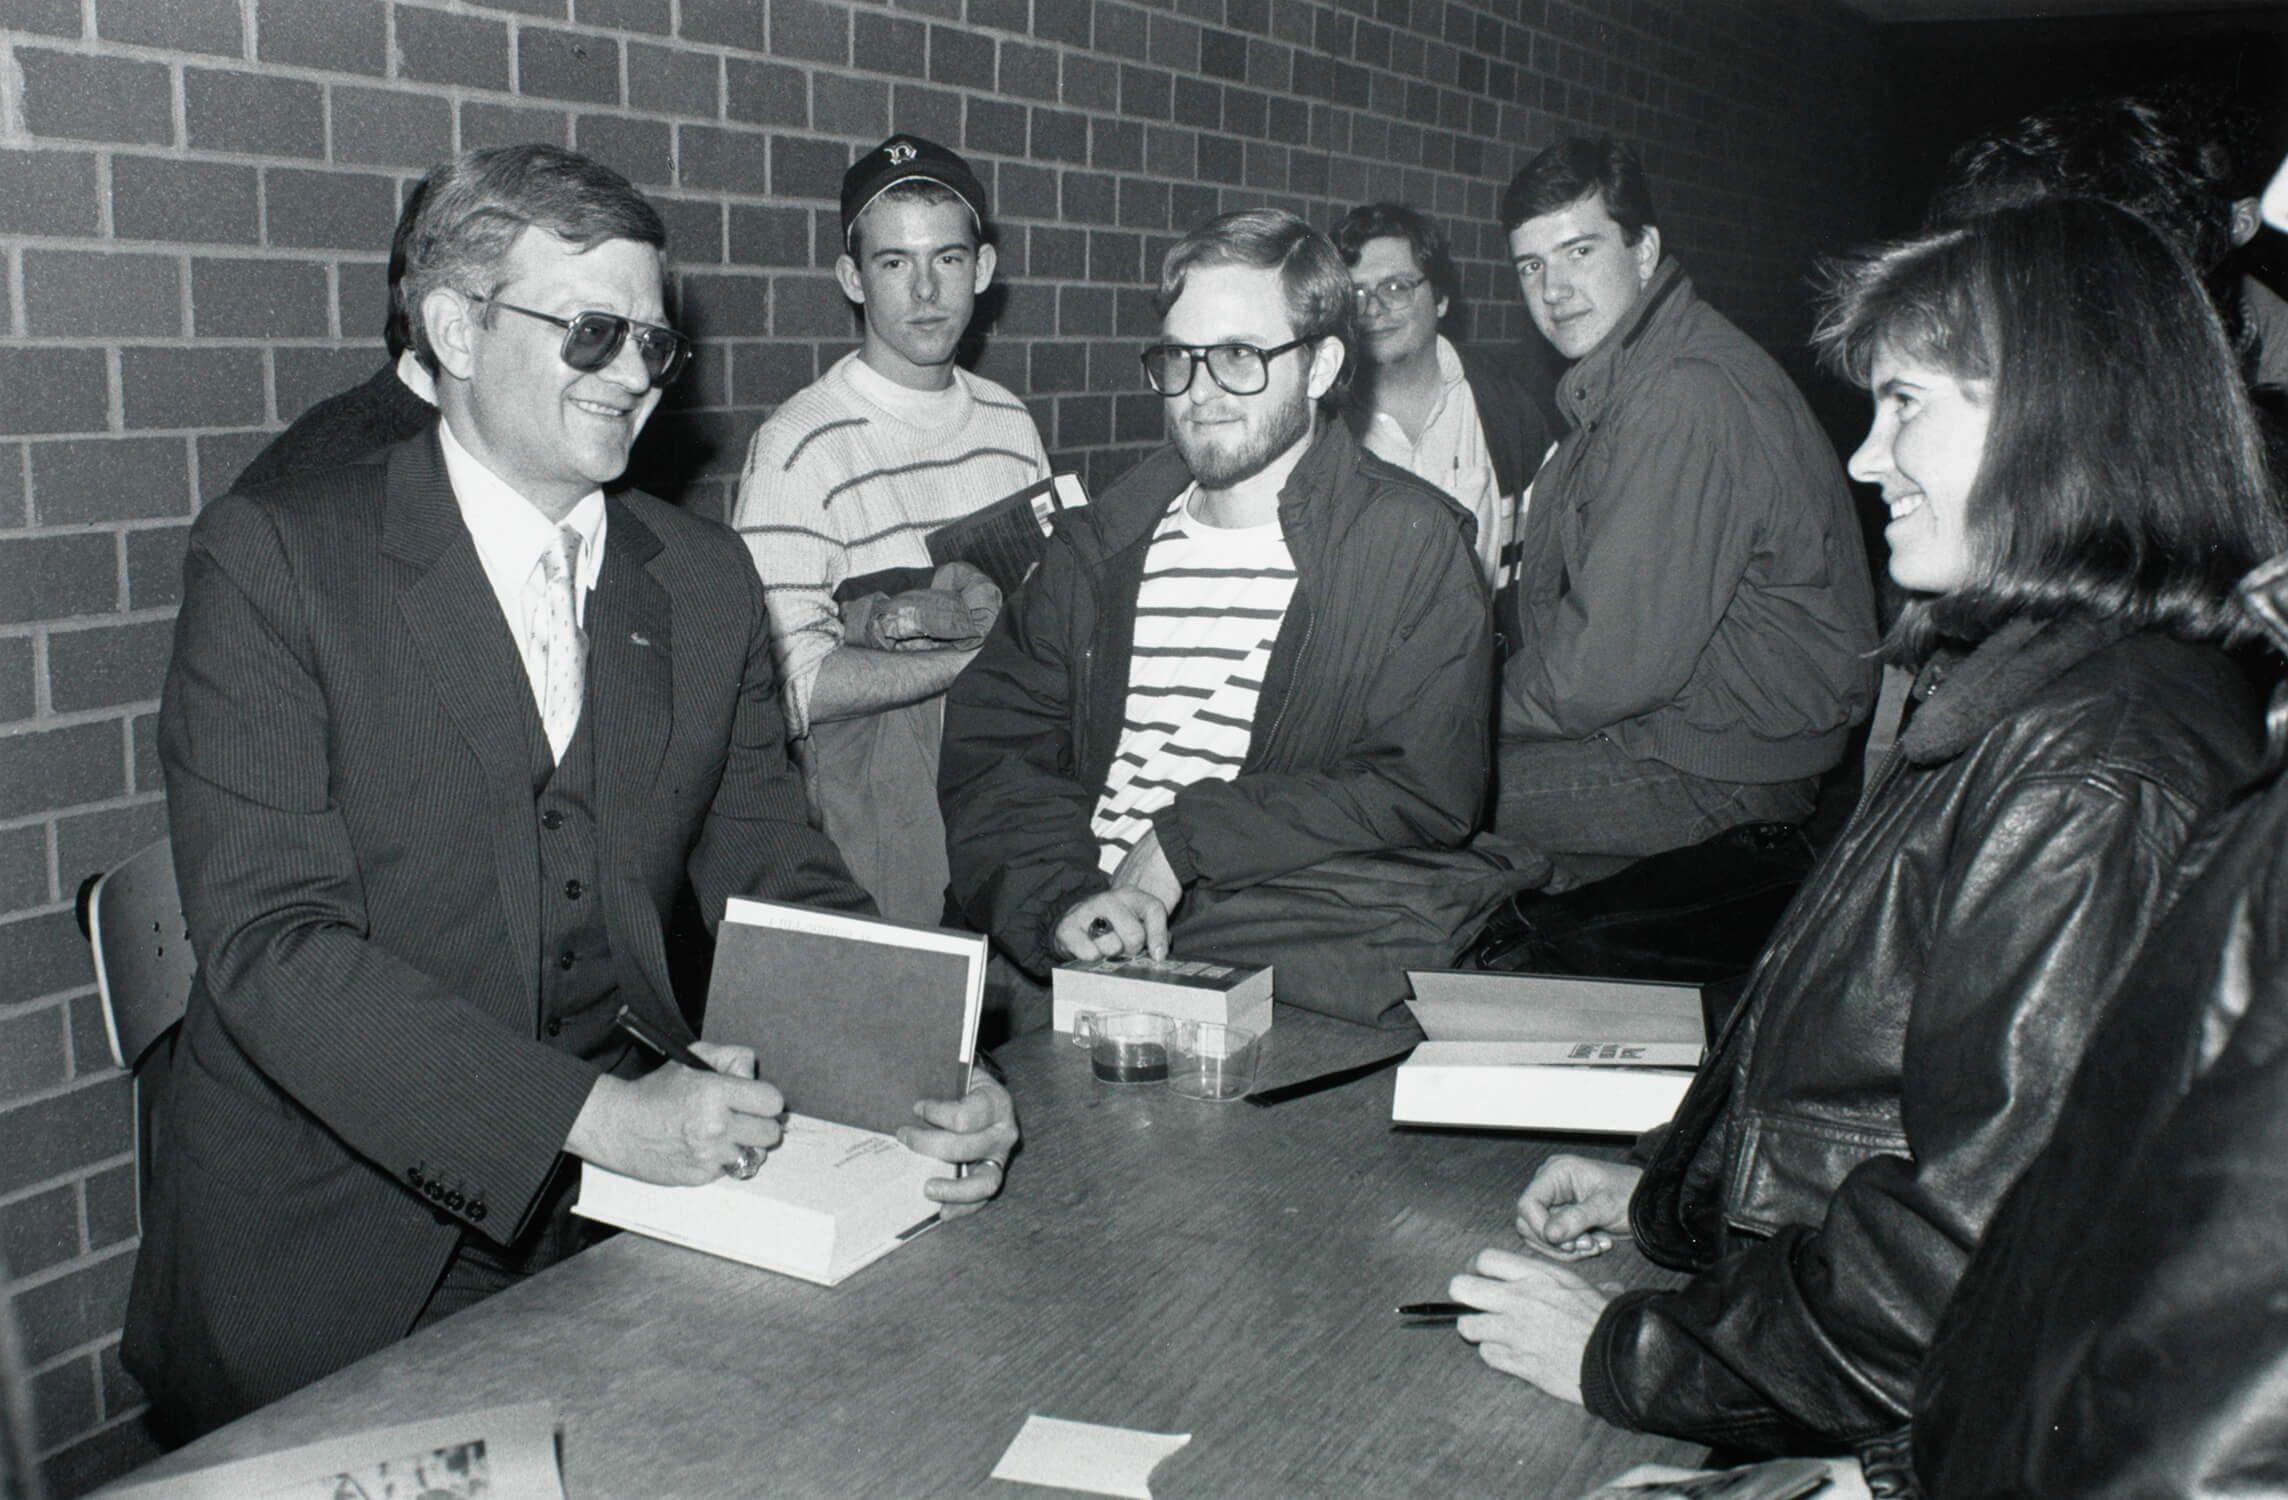 Автор политических бестселлеров Том Клэнси (слева) вбиблиотеке Бостонского колледжа, ноябрь 1989 / wikipedia.org